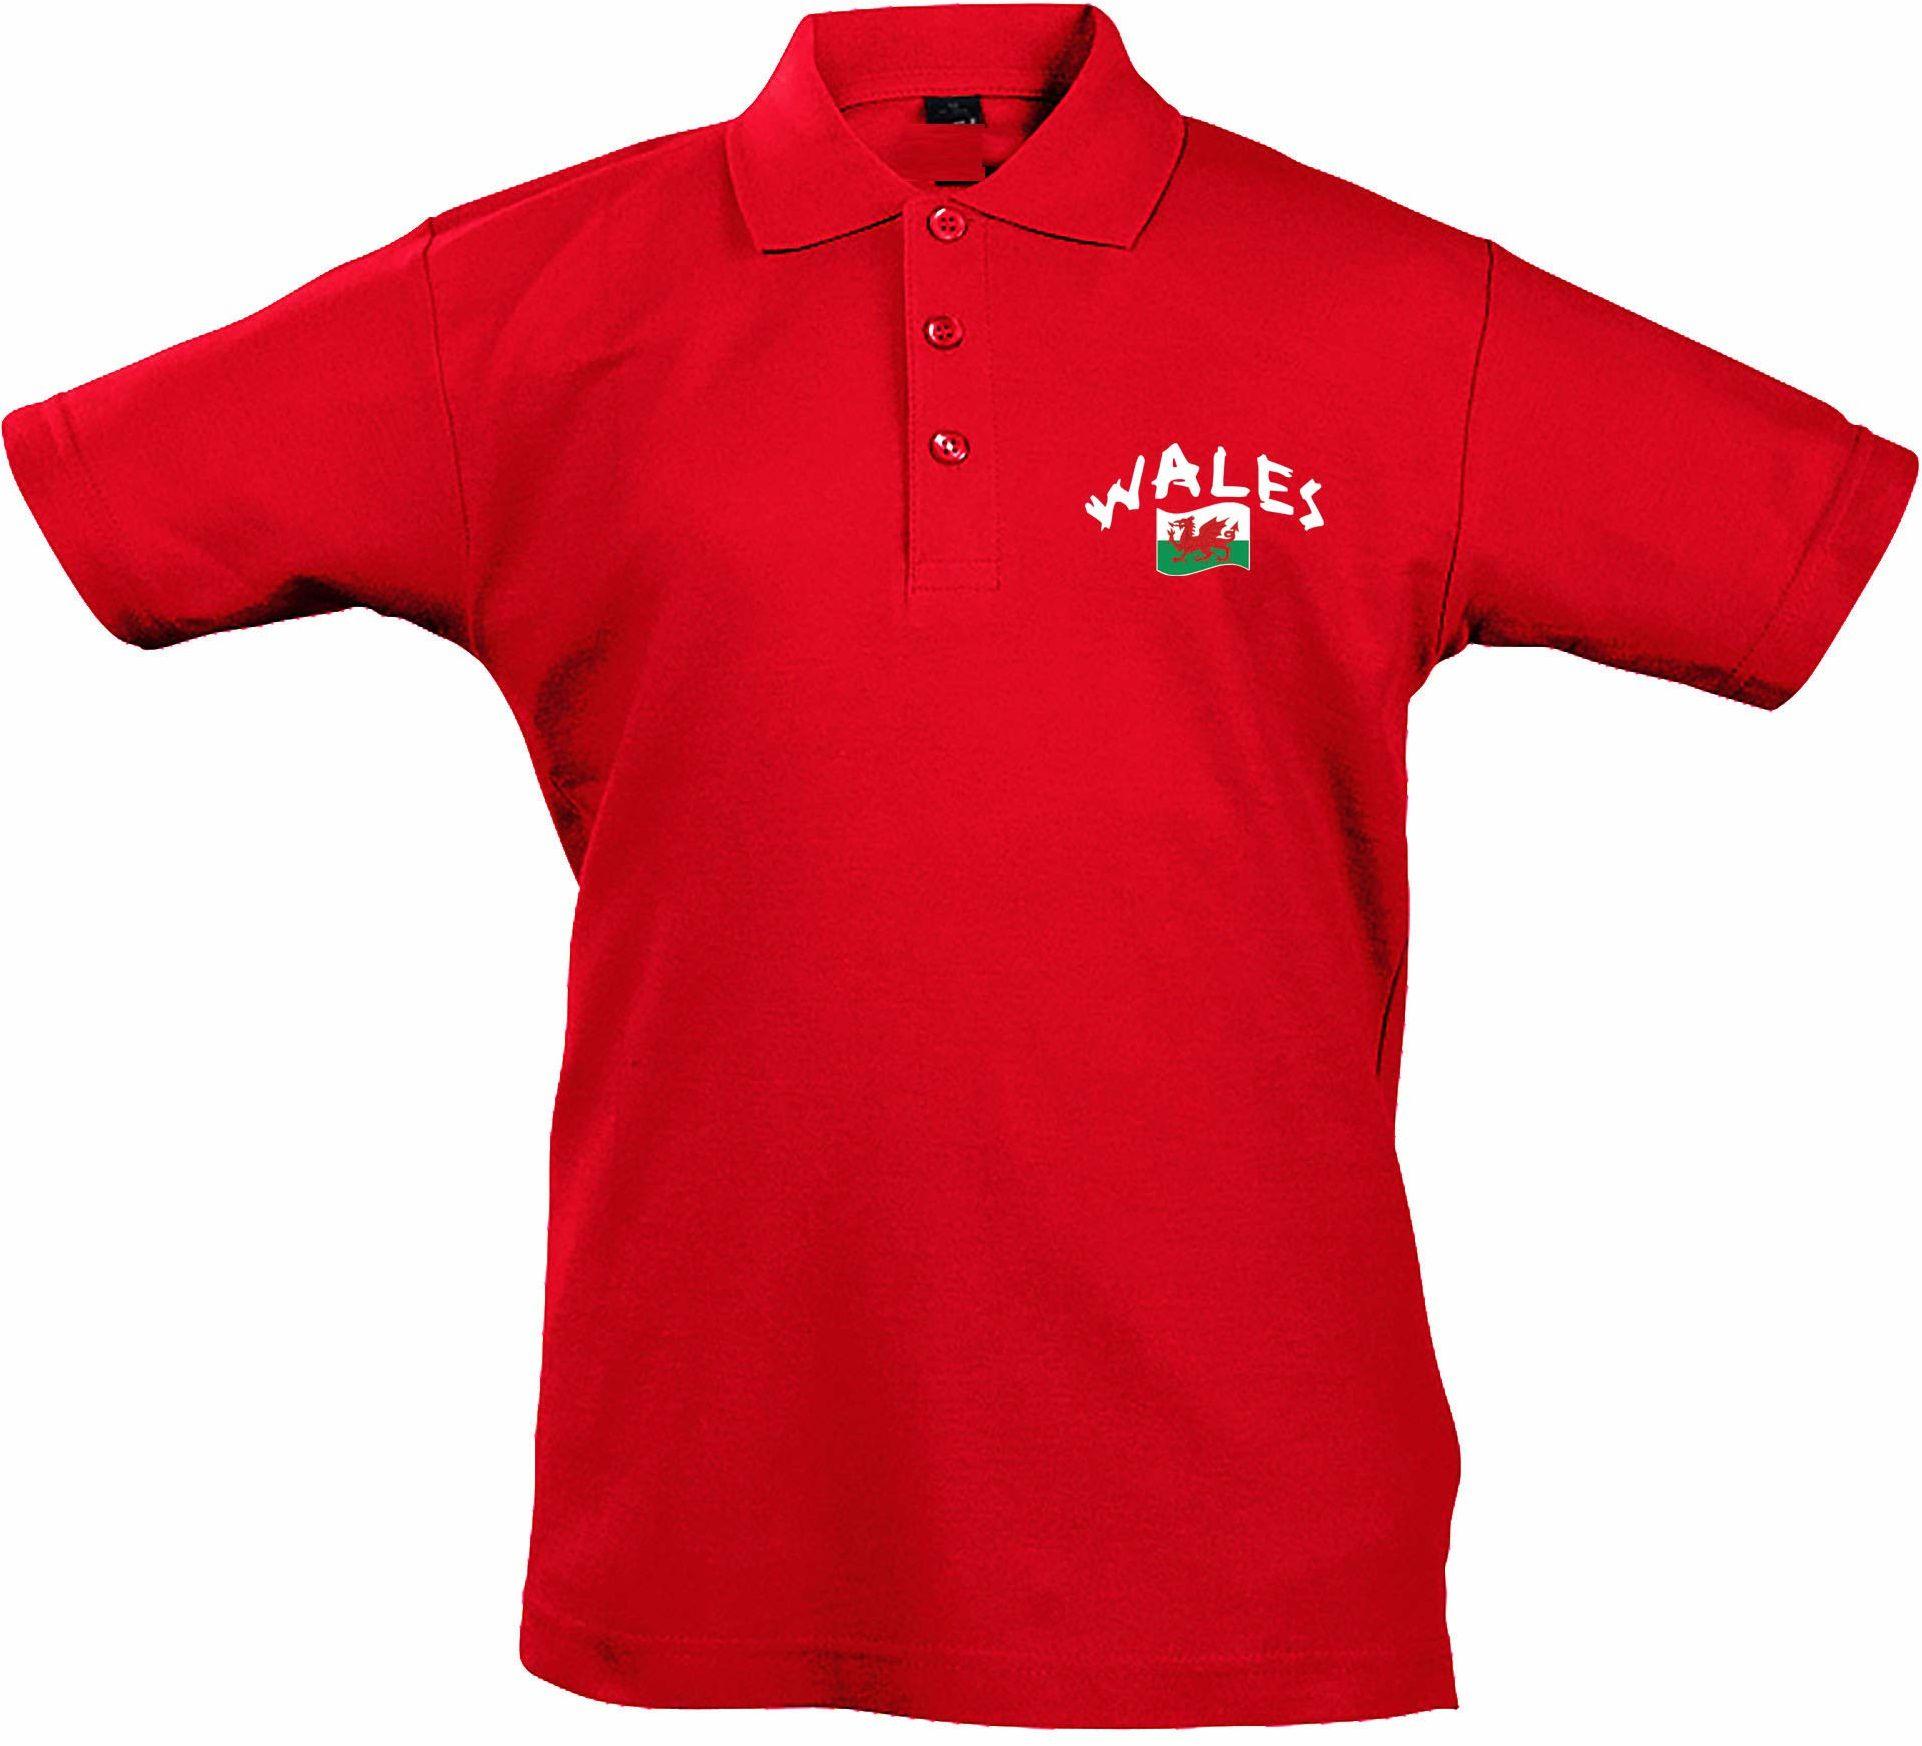 Supportershop Rugby Pays De Galles dziecięca koszulka polo dla dzieci, uniseks czerwony czerwony FR : L (Taille Fabricant : 8 Jahre)